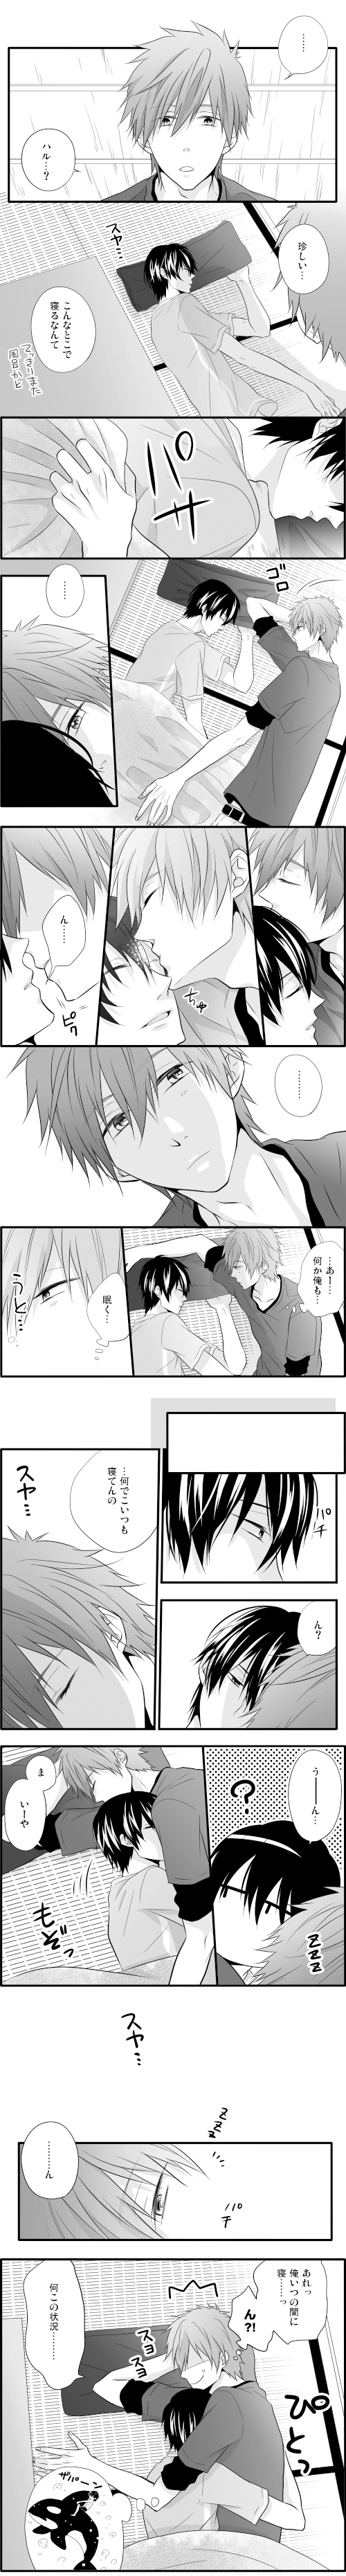 Tags: Anime, Kamu, Free!, Nanase Haruka (Free!), Tachibana Makoto, Whale, Translation Request, MakoHaru